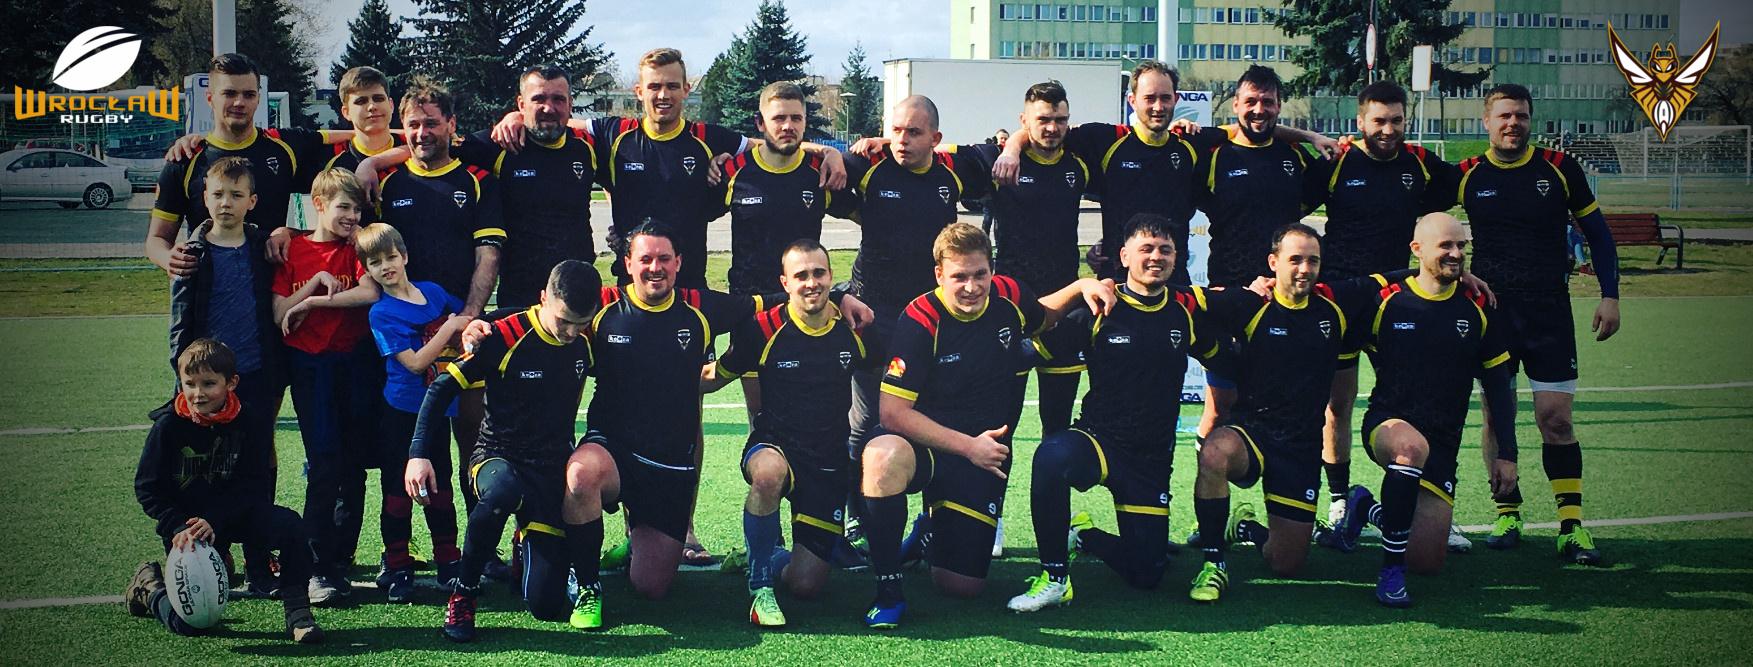 Przed finałem Mistrzostw Polski Rugby 7